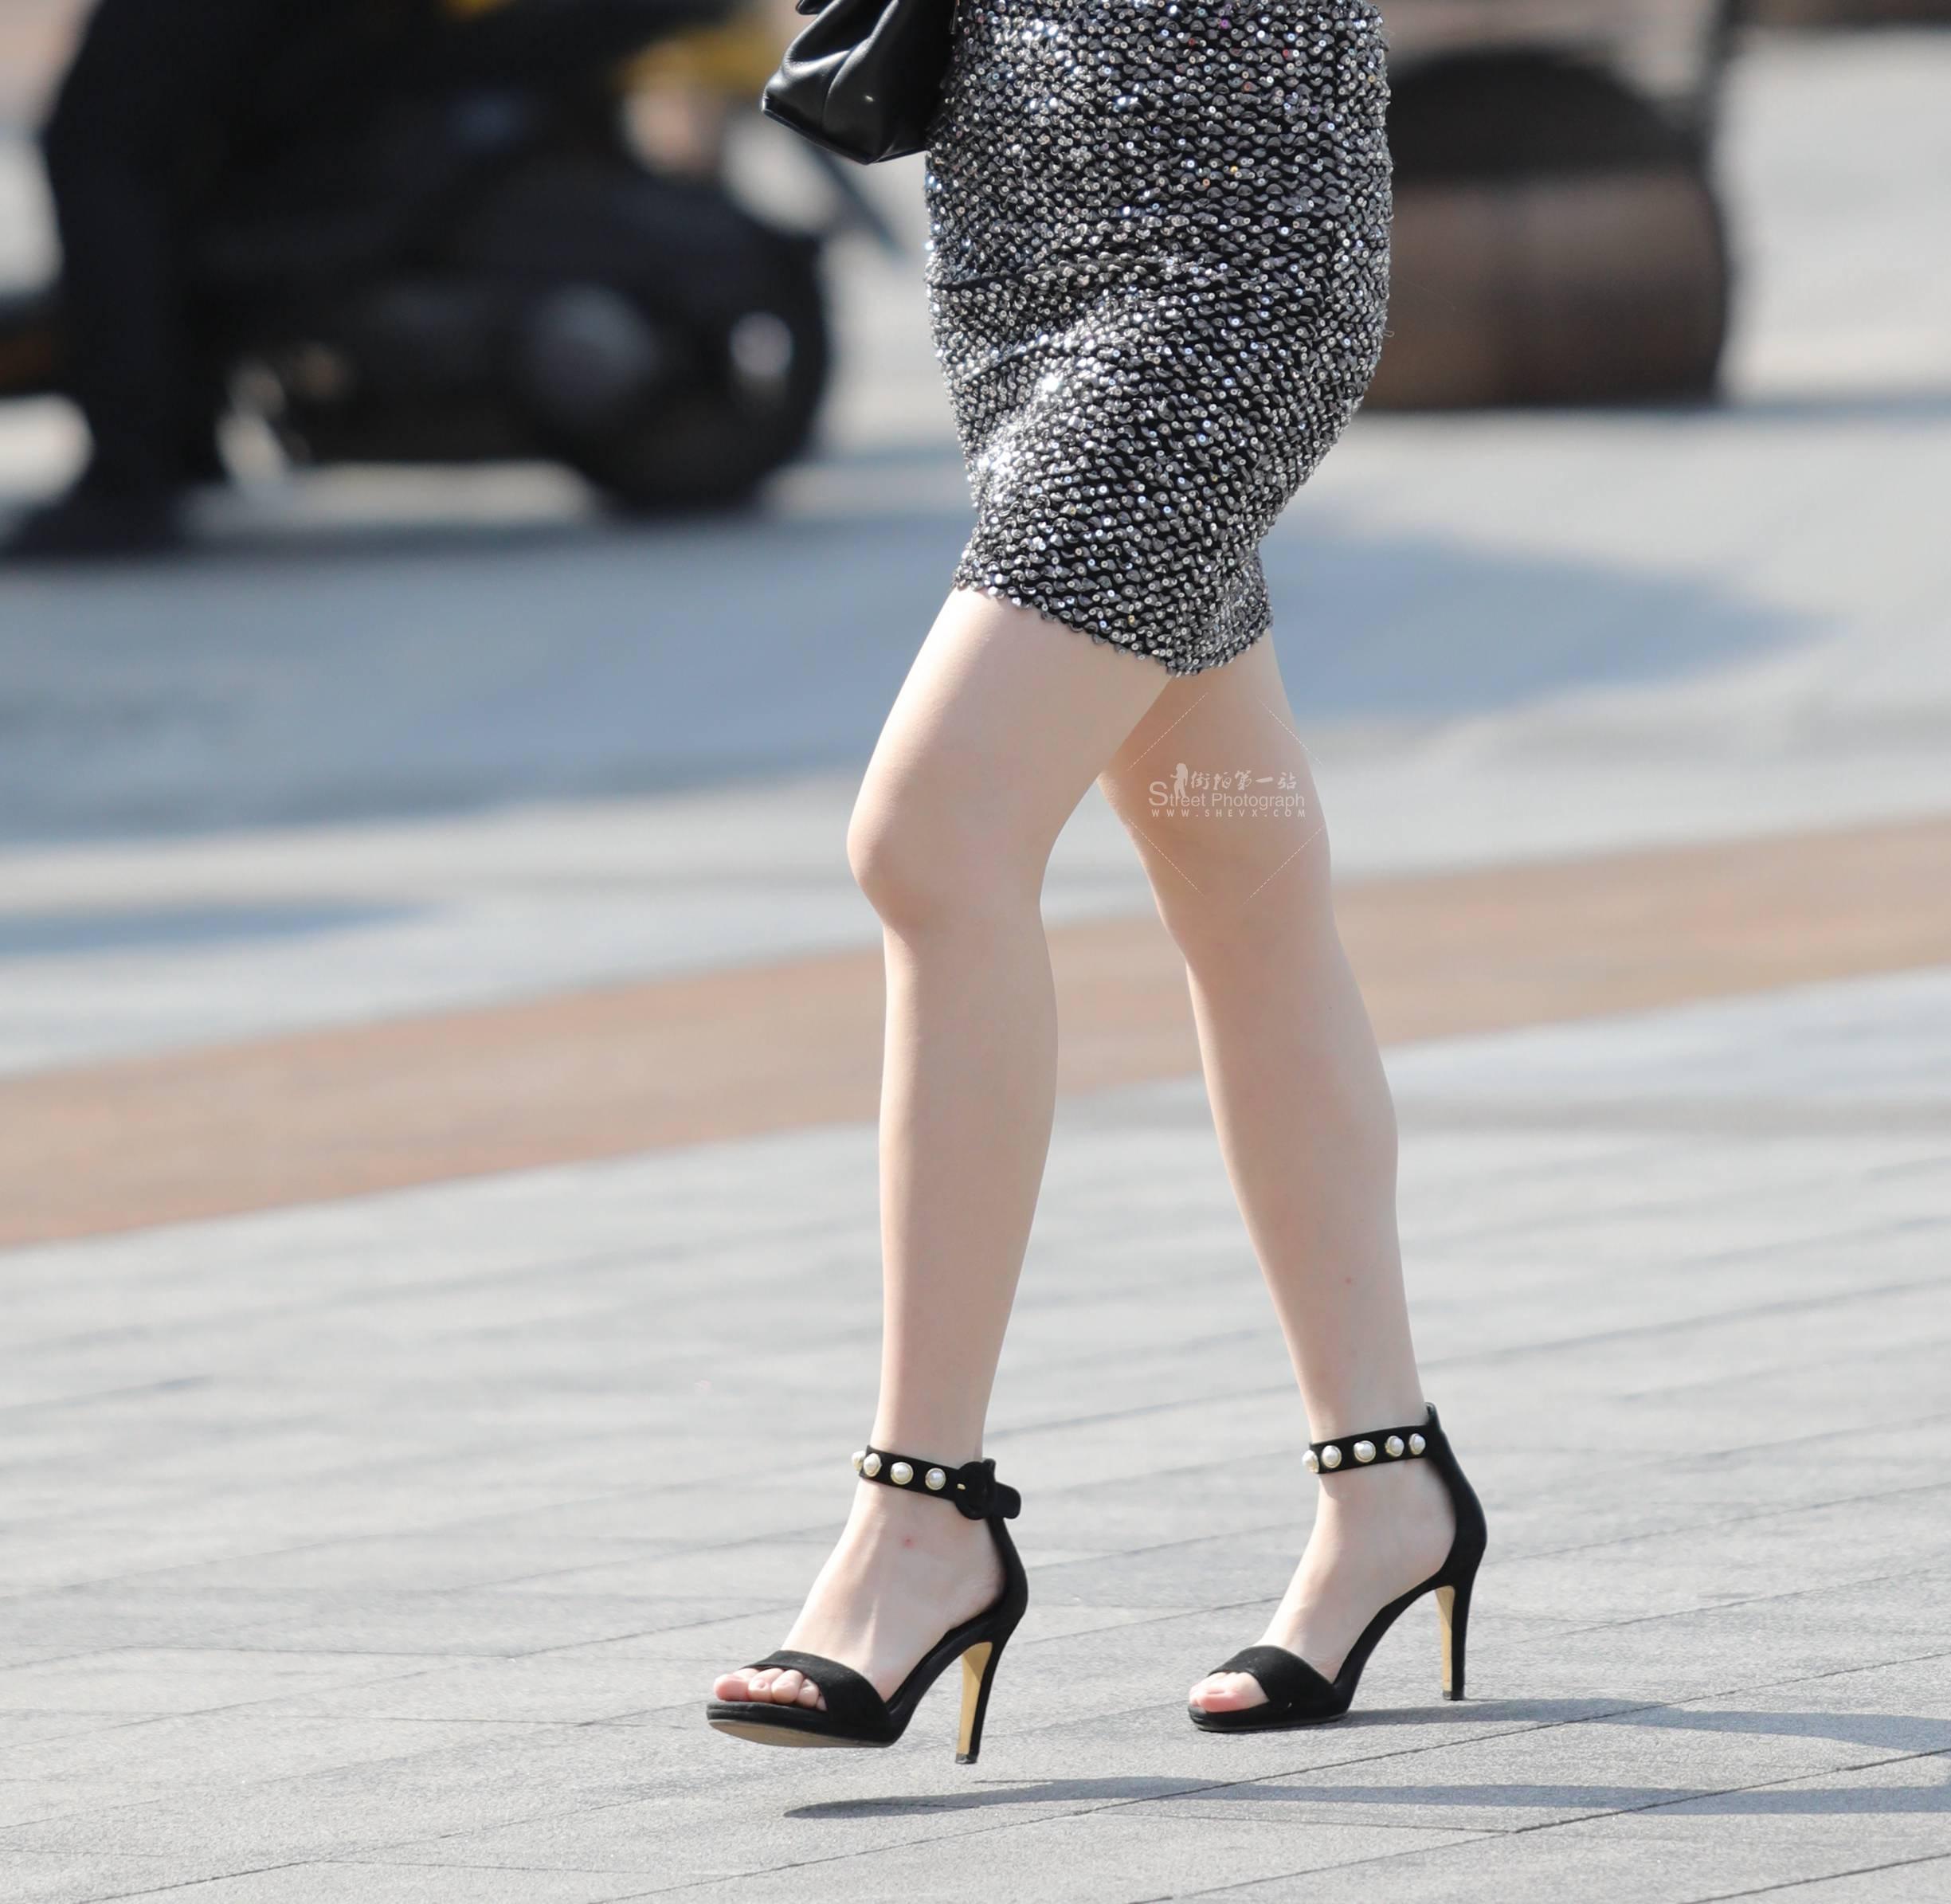 街拍包臀裙,街拍高跟,街拍包臀 【珏一笑而过】极品高跟 包臀裙 最新街拍丝袜图片 街拍丝袜第一站